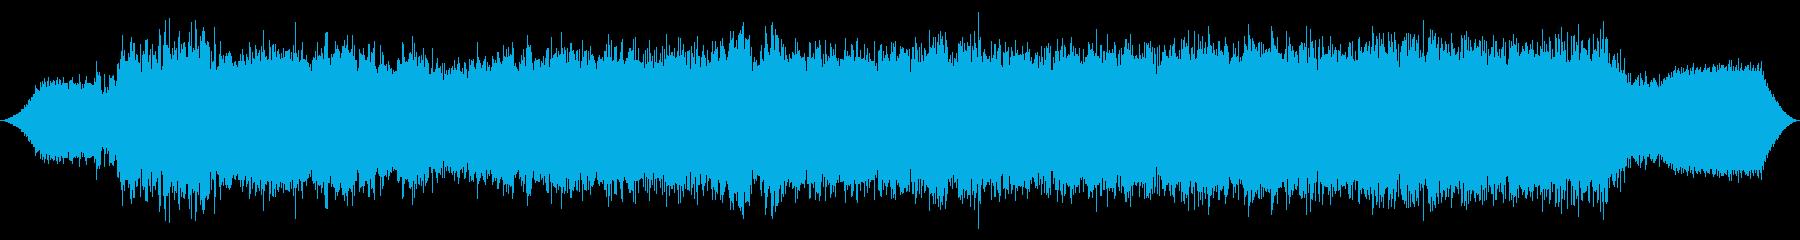 Int:アイドル、低速で逆回転、停...の再生済みの波形